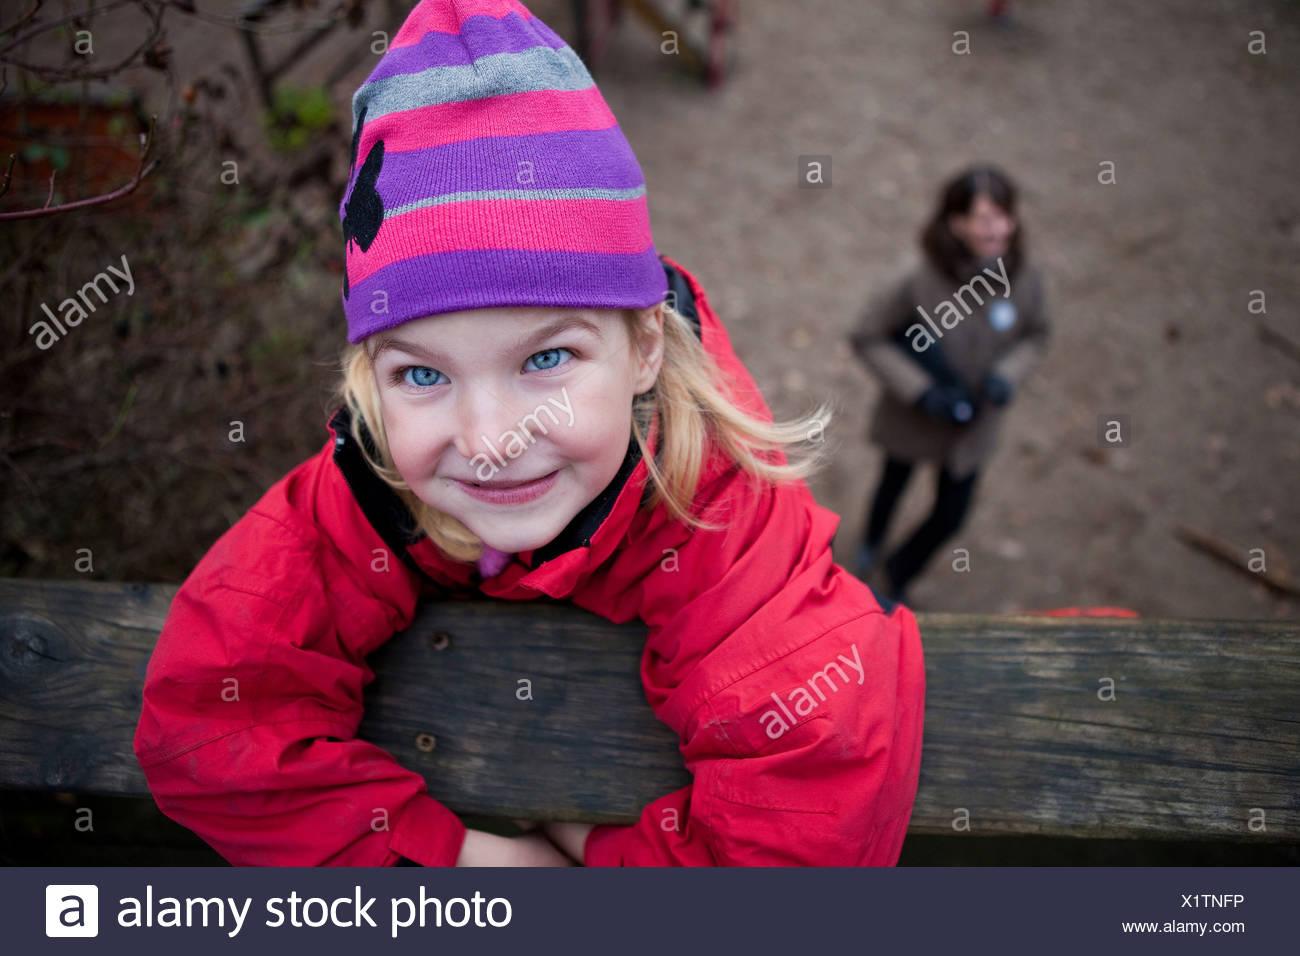 Ritratto di una bambina in inverno indossare appesa a un log con donna sfocata in background Immagini Stock